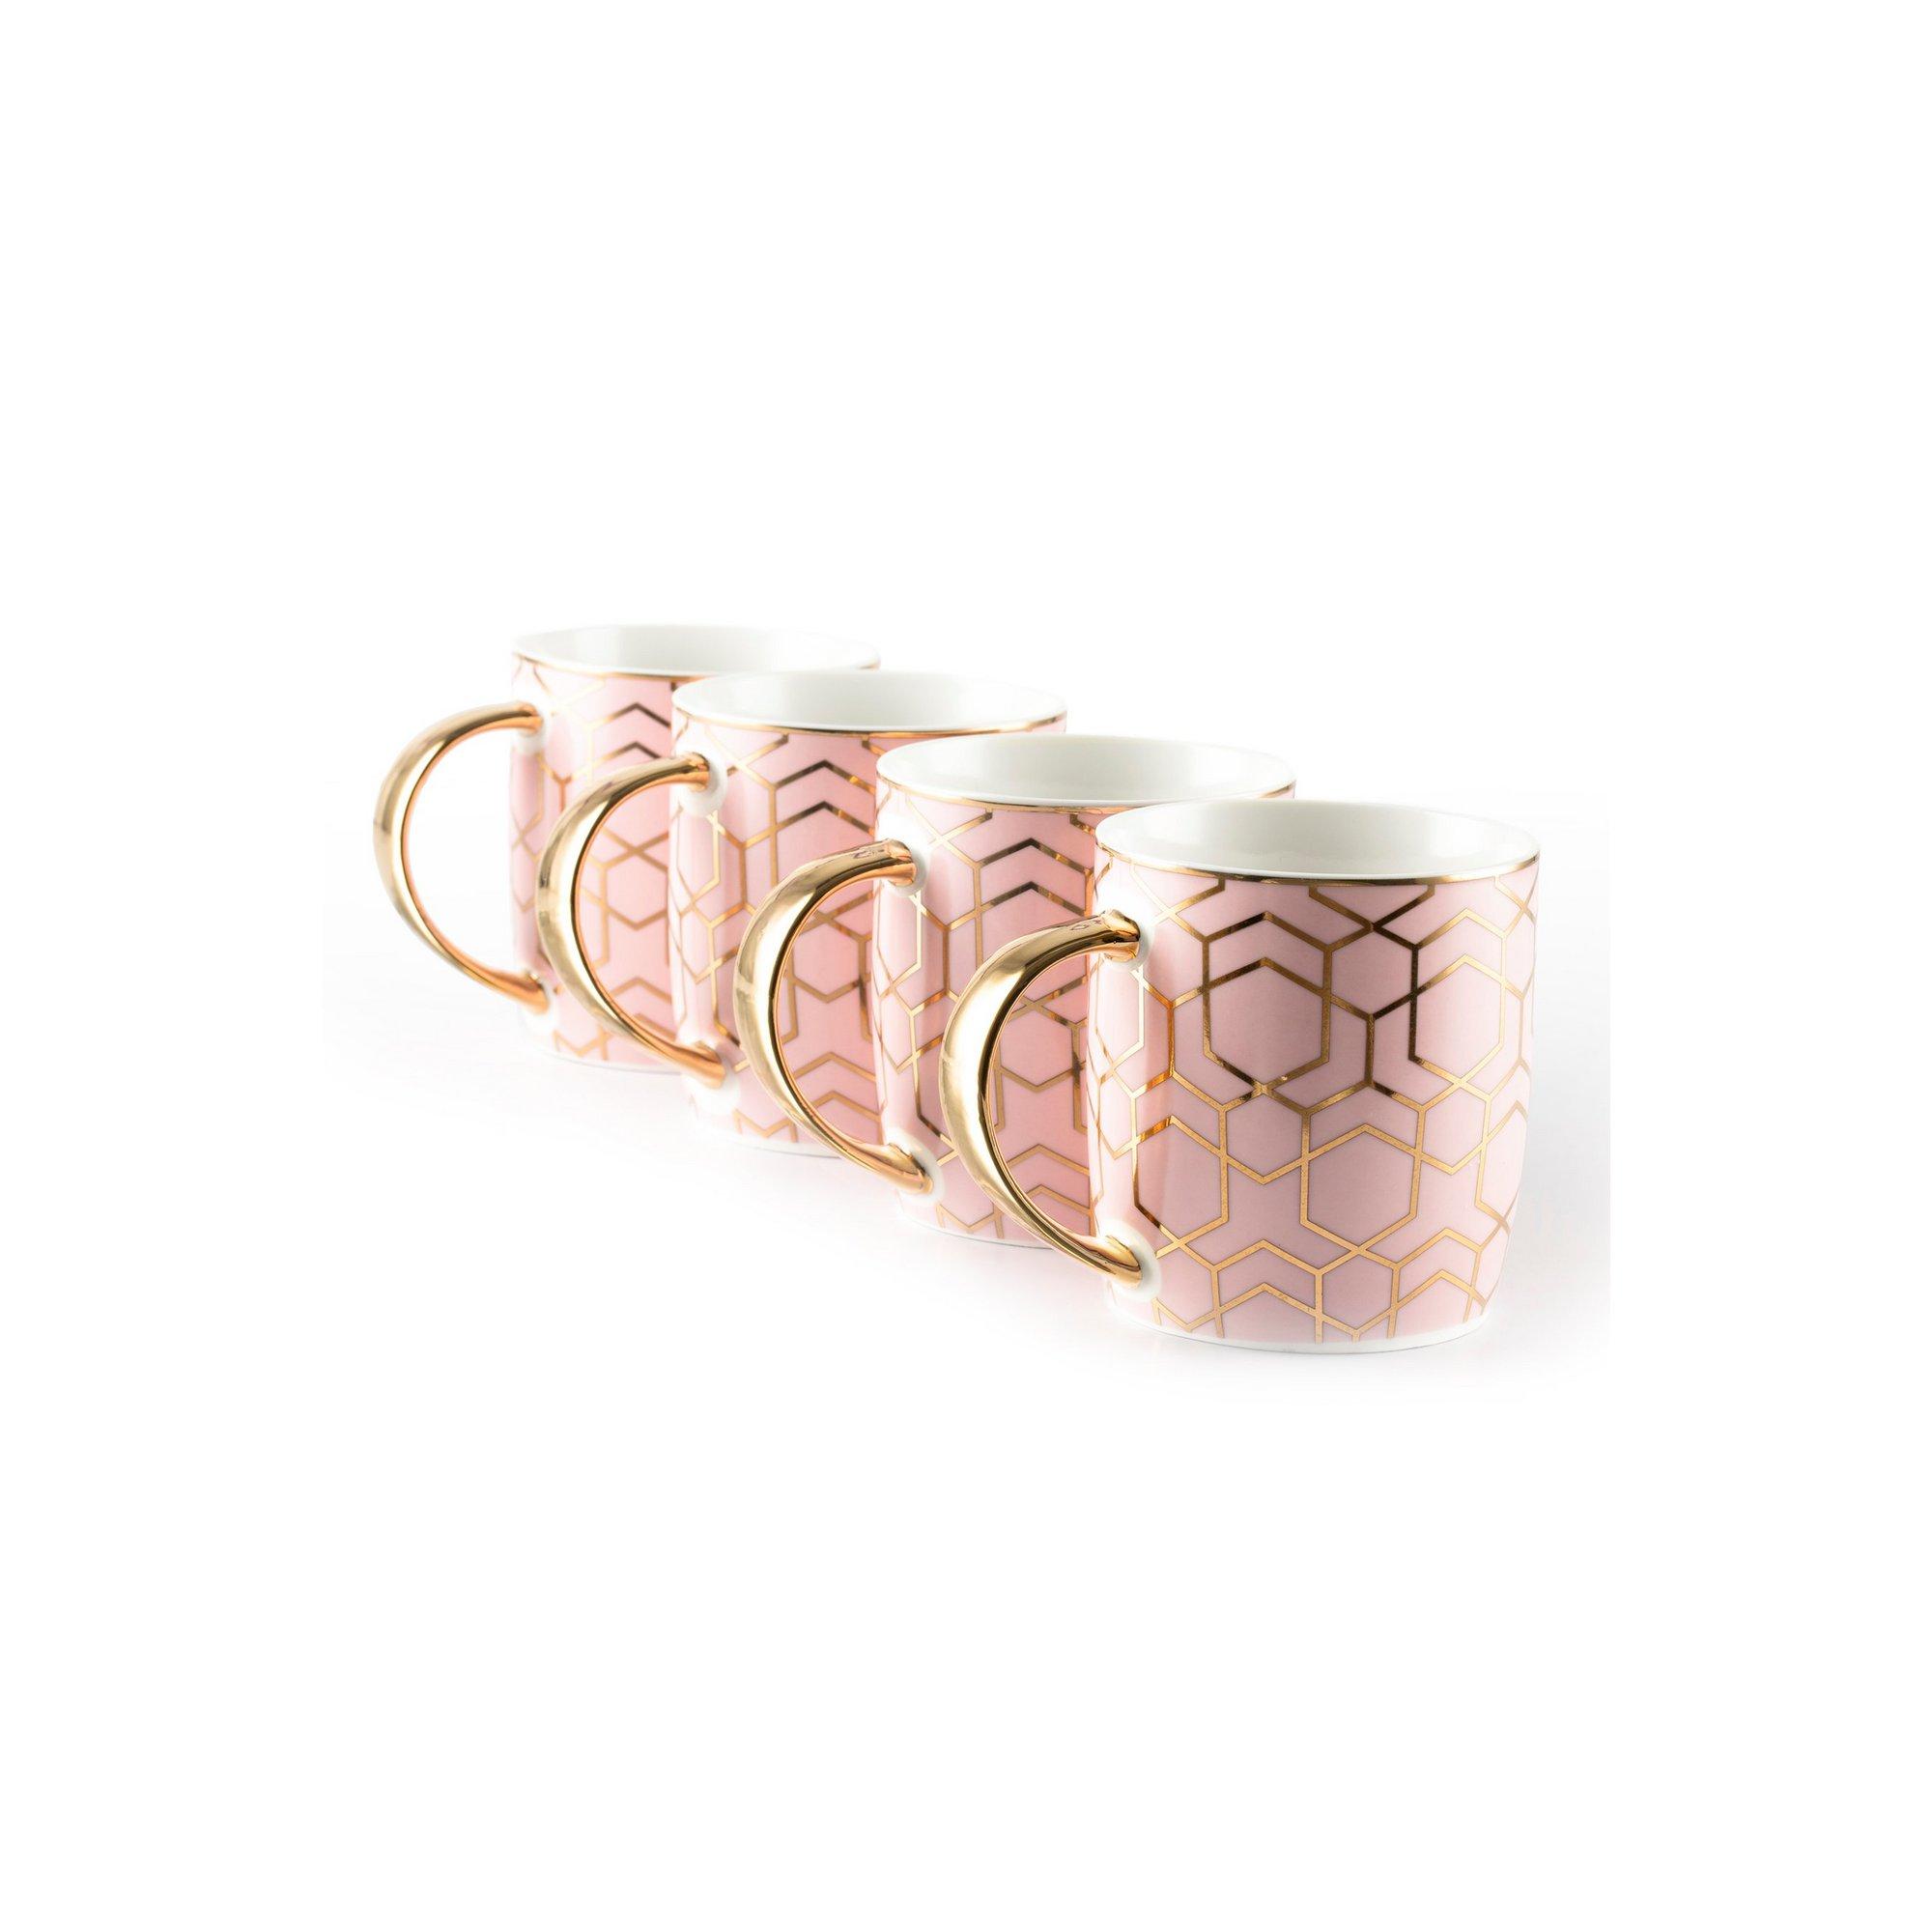 Image of 4 Piece Tallulah Pink and Gold Mug Set